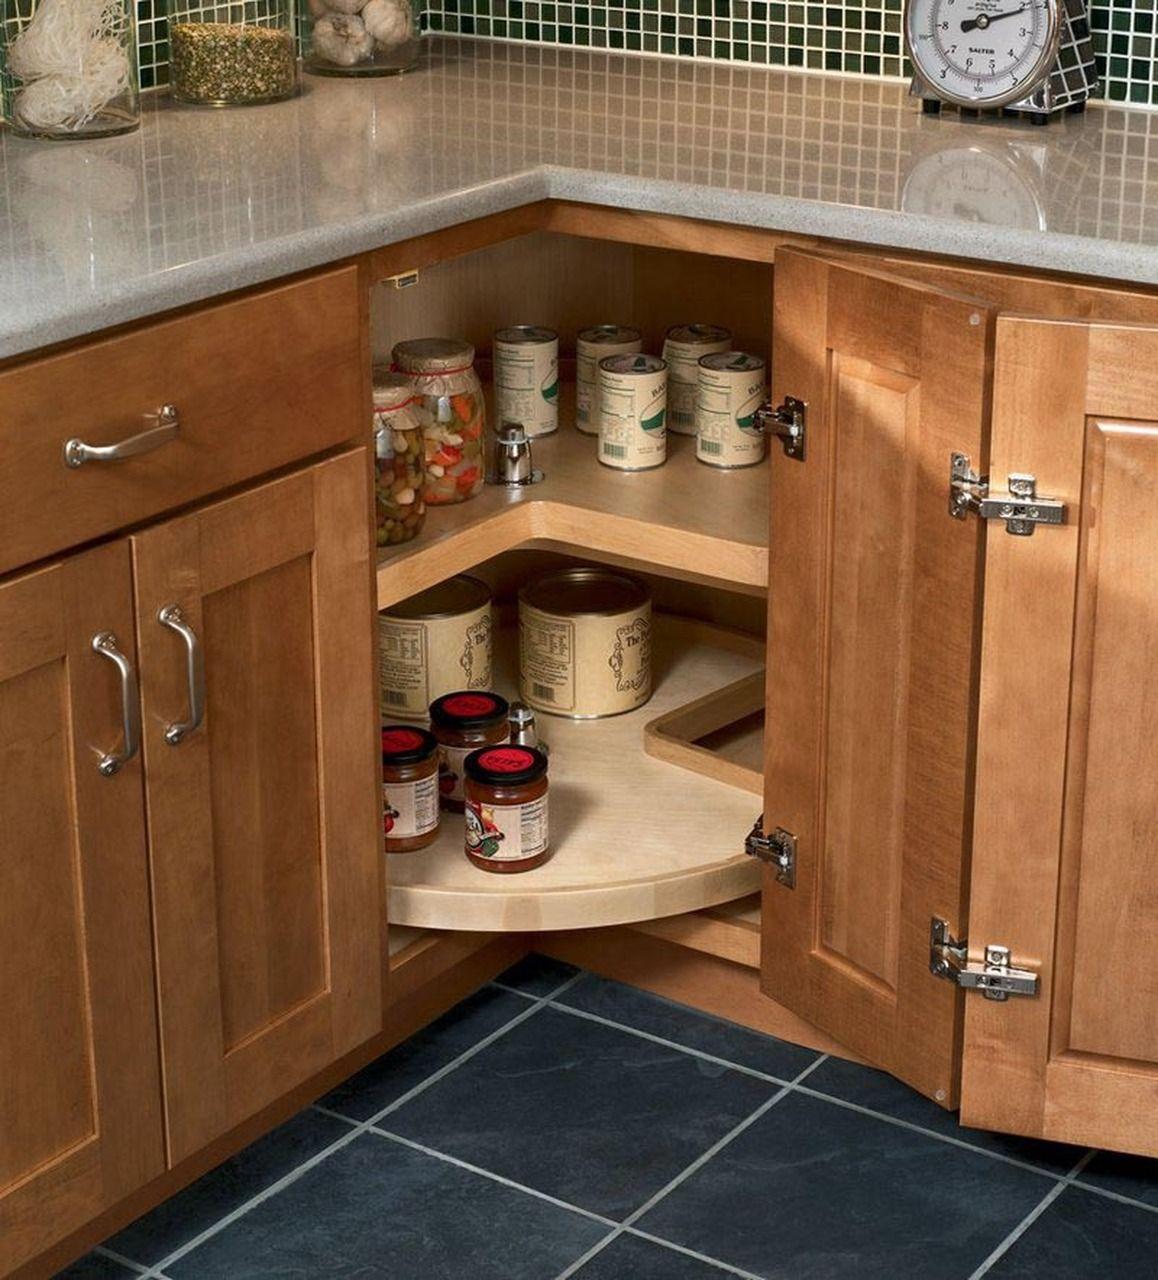 easy reach wood lazy susan in 2020 kraftmaid kitchens kraftmaid kitchen cabinets kitchen on kitchen organization lazy susan cabinet id=70364